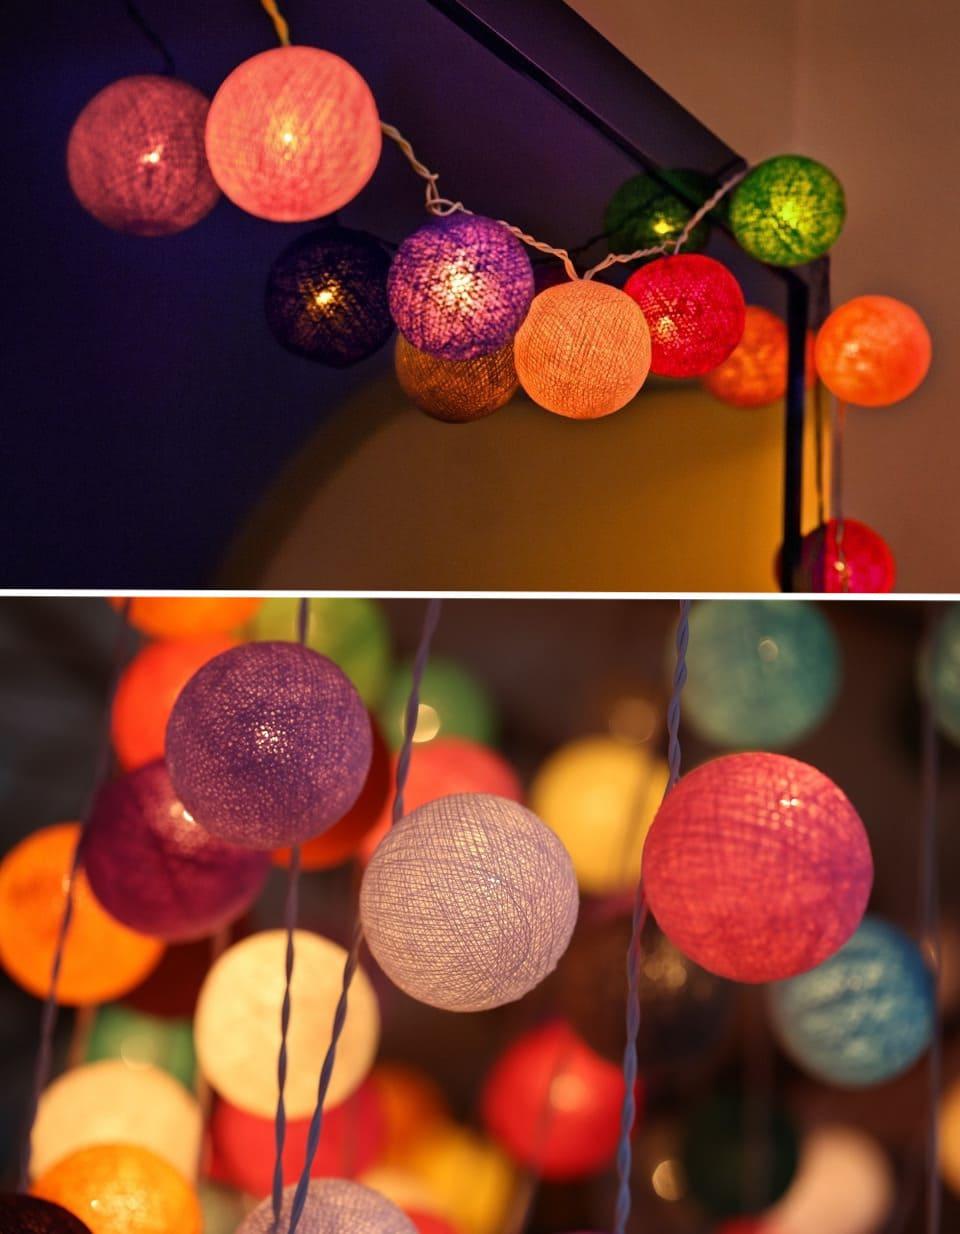 Гирлянда из разноцветных шаров смотрится красиво, стильно и романтично